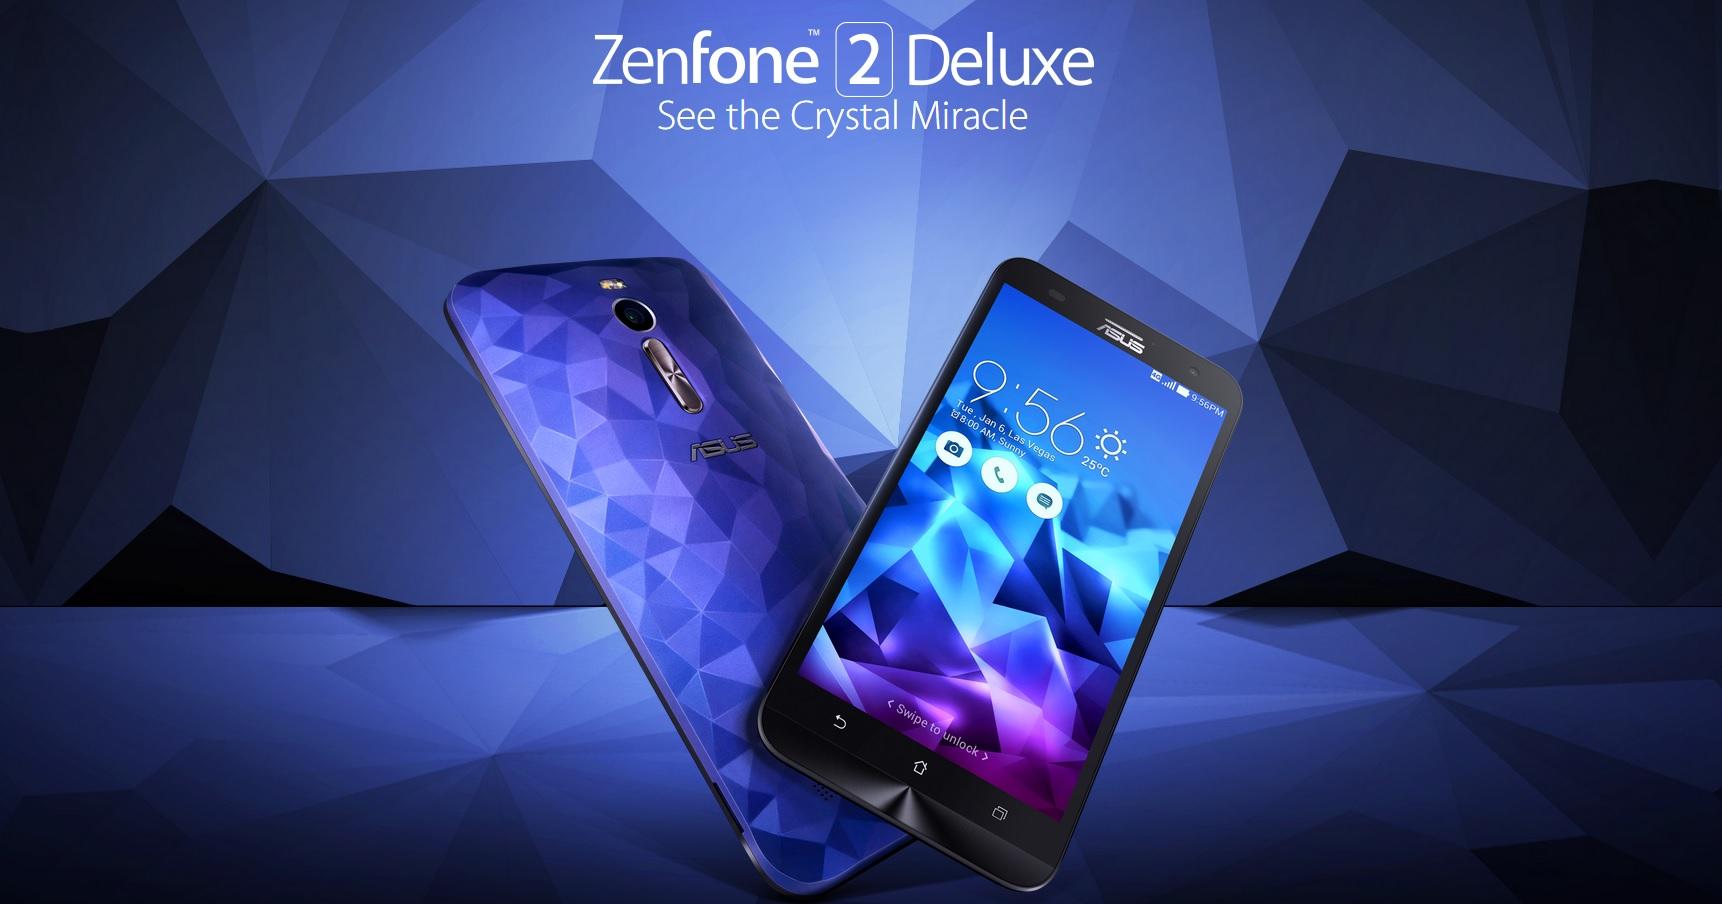 Asus Launches Zenfone 2 Deluxe Laser Line Max Ze601kl Smartphone 3 32gb Free Zen Flash Selfie In India The Technoclast